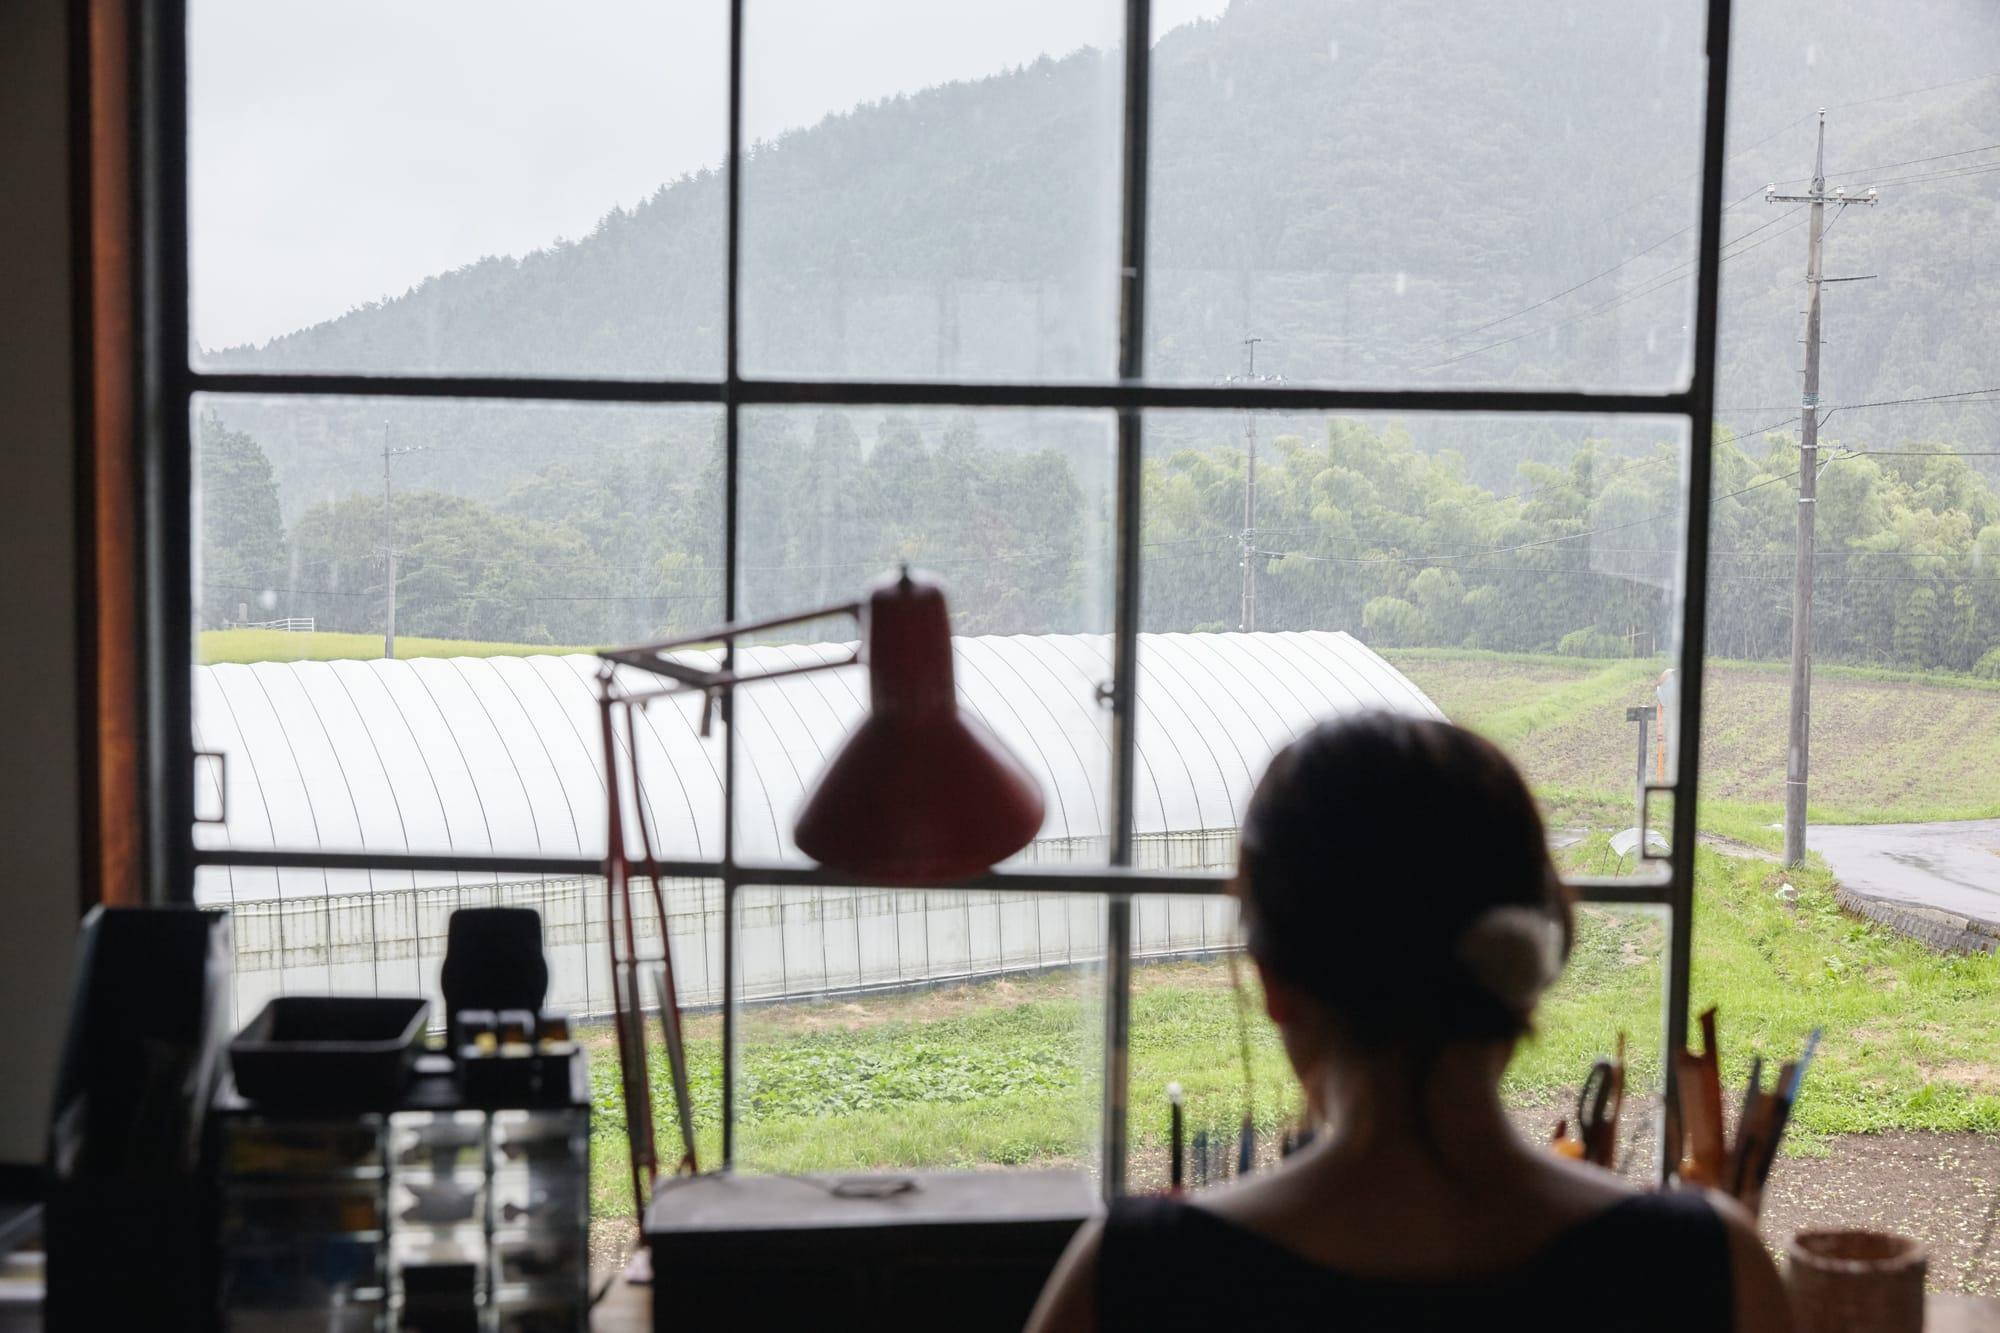 納屋を改装してつくった仕事部屋。窓から山や山葵畑が見える。